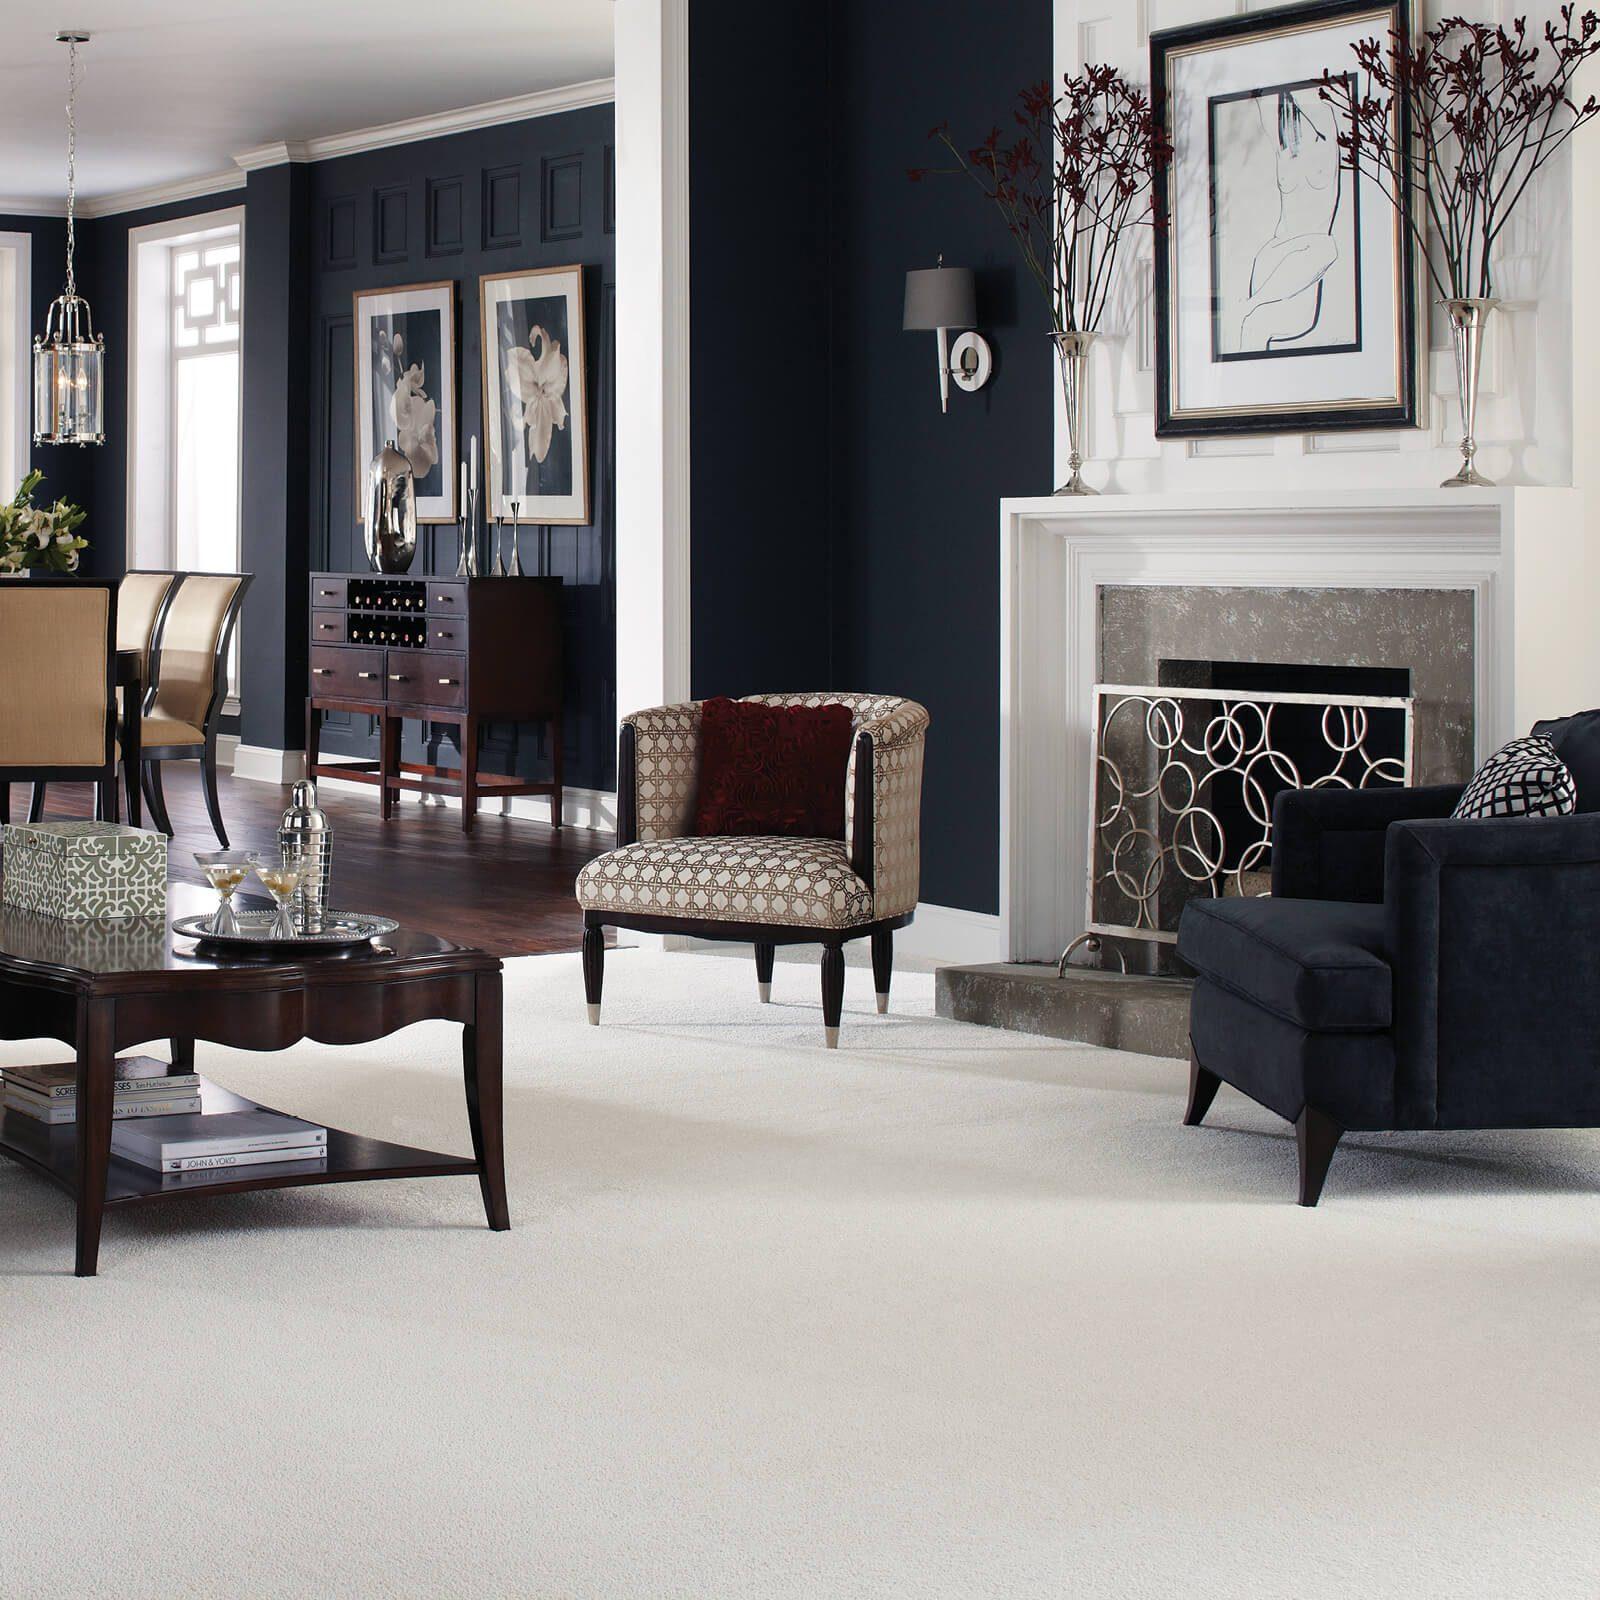 Carpet flooring | J/K Carpet Center, Inc